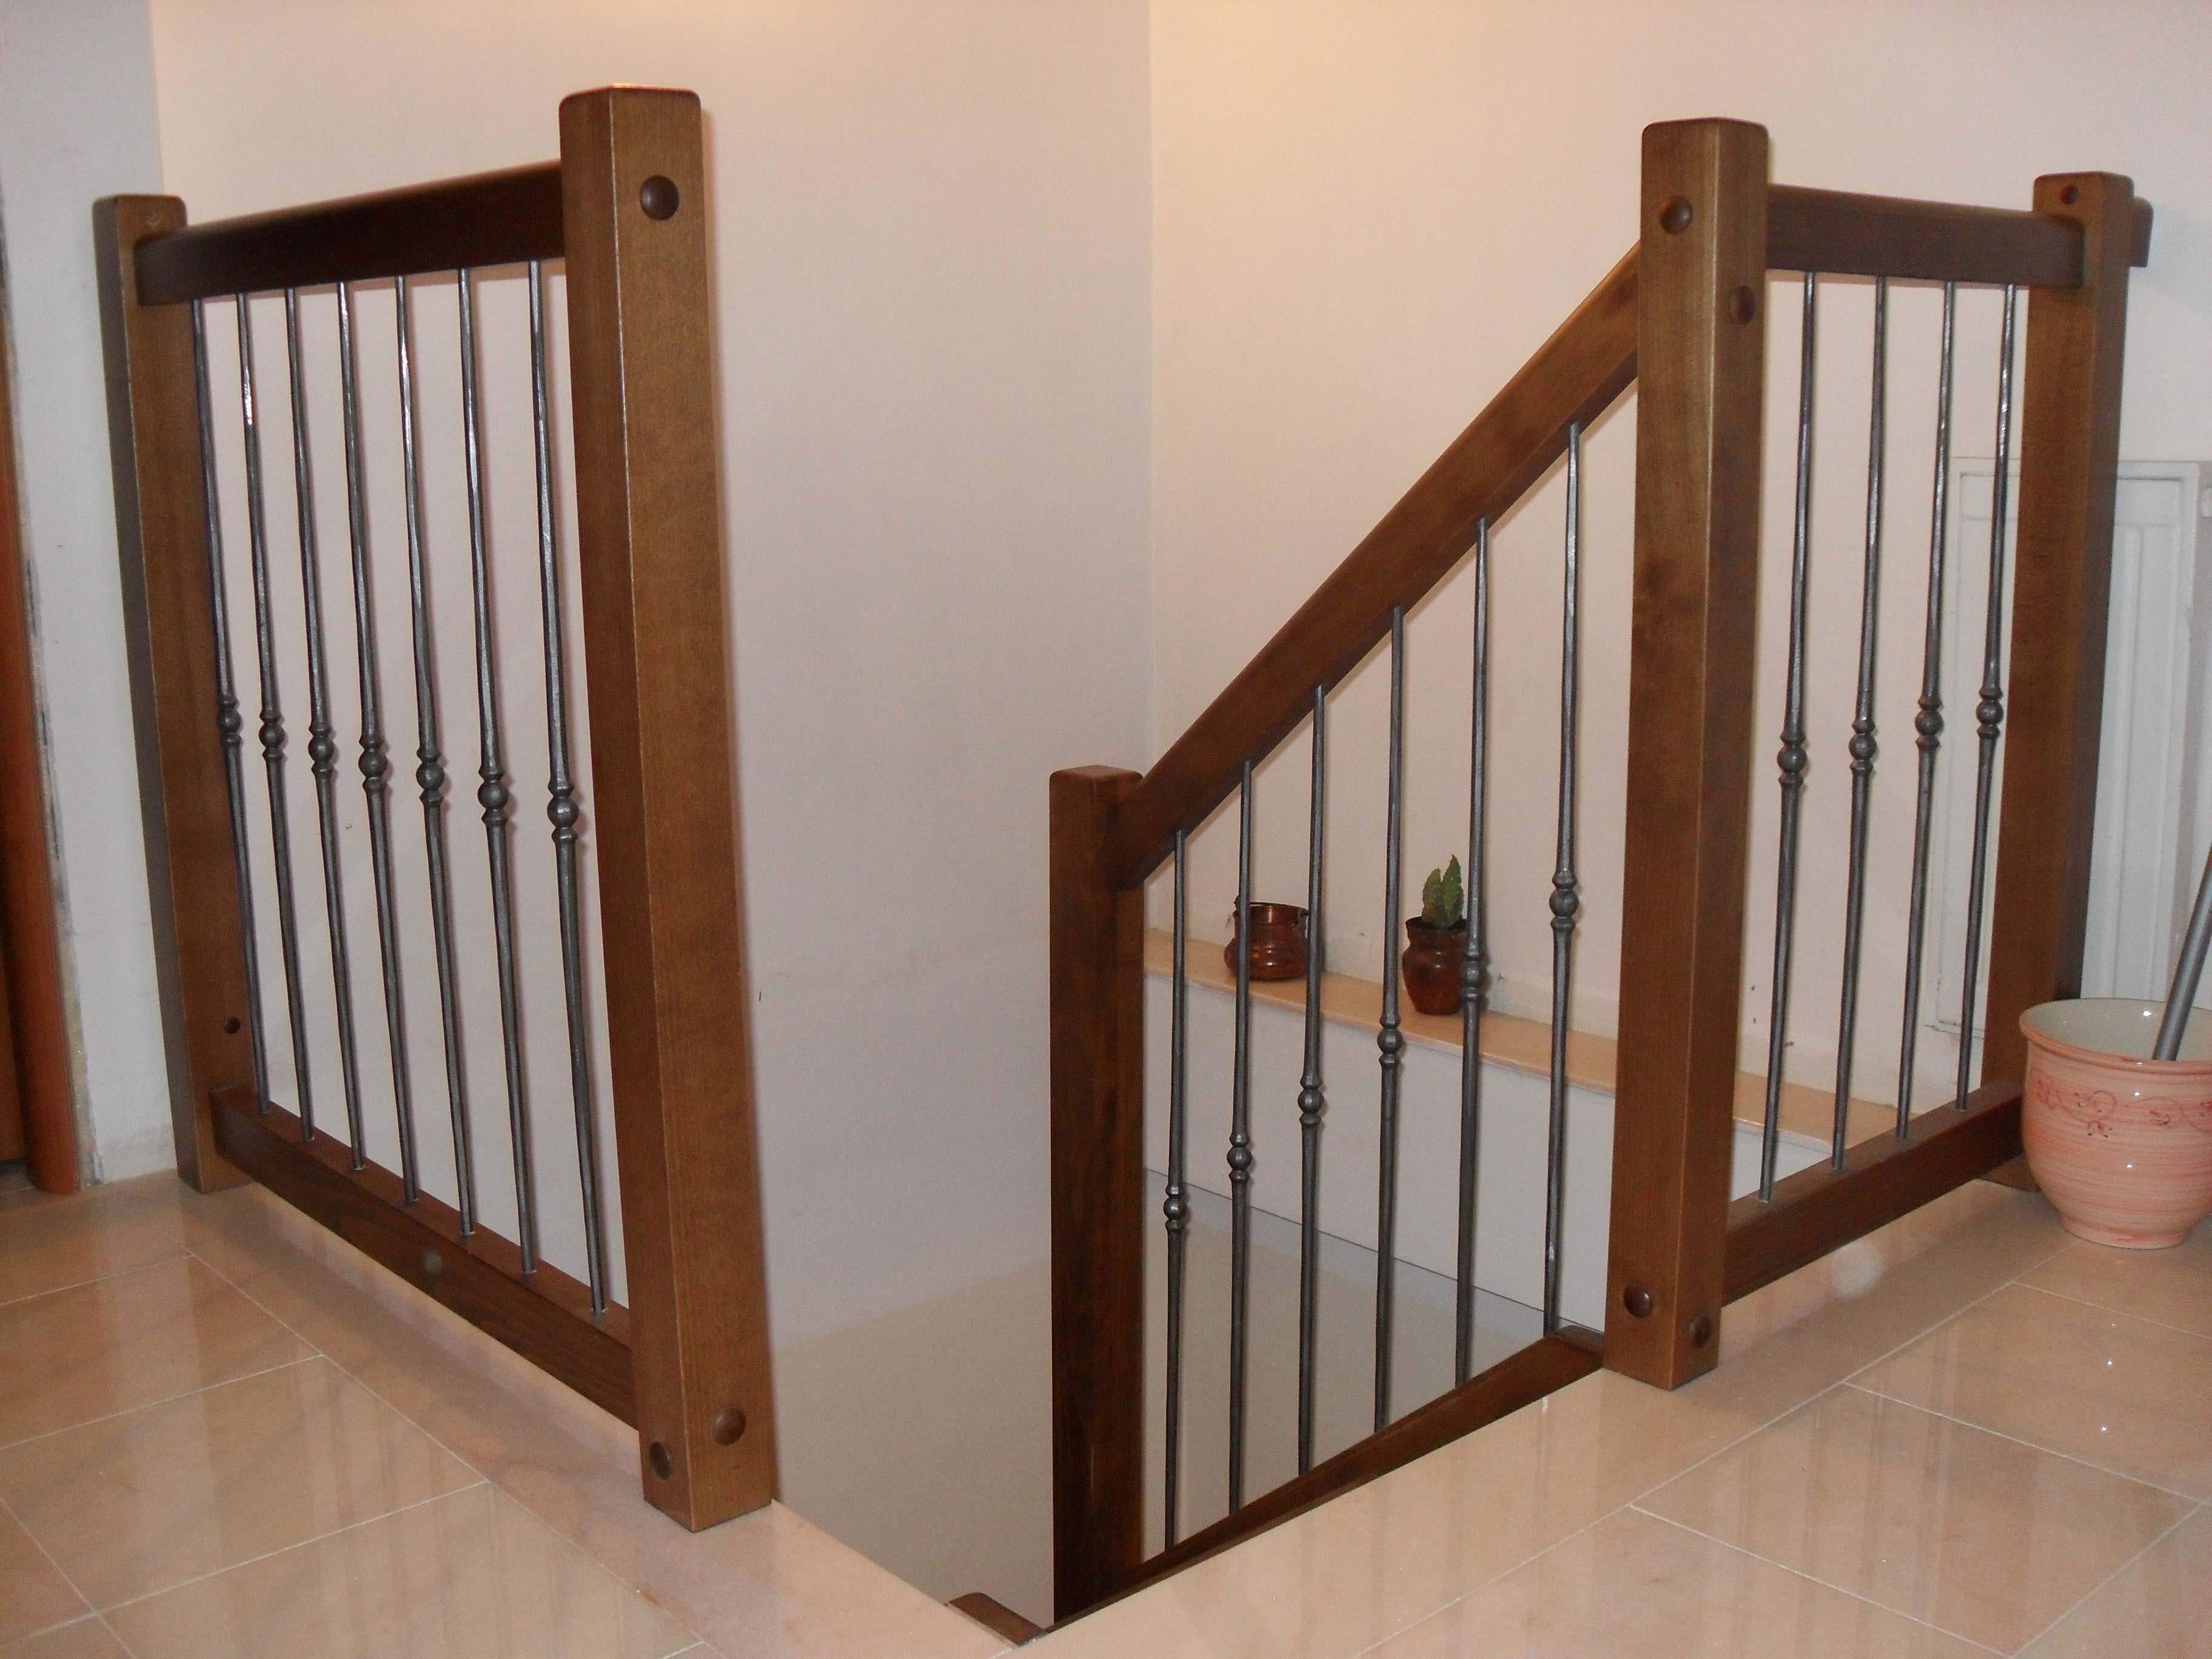 Ringhiere per scale interne in legno with ringhiere per - Ringhiere per scale interne in legno ...